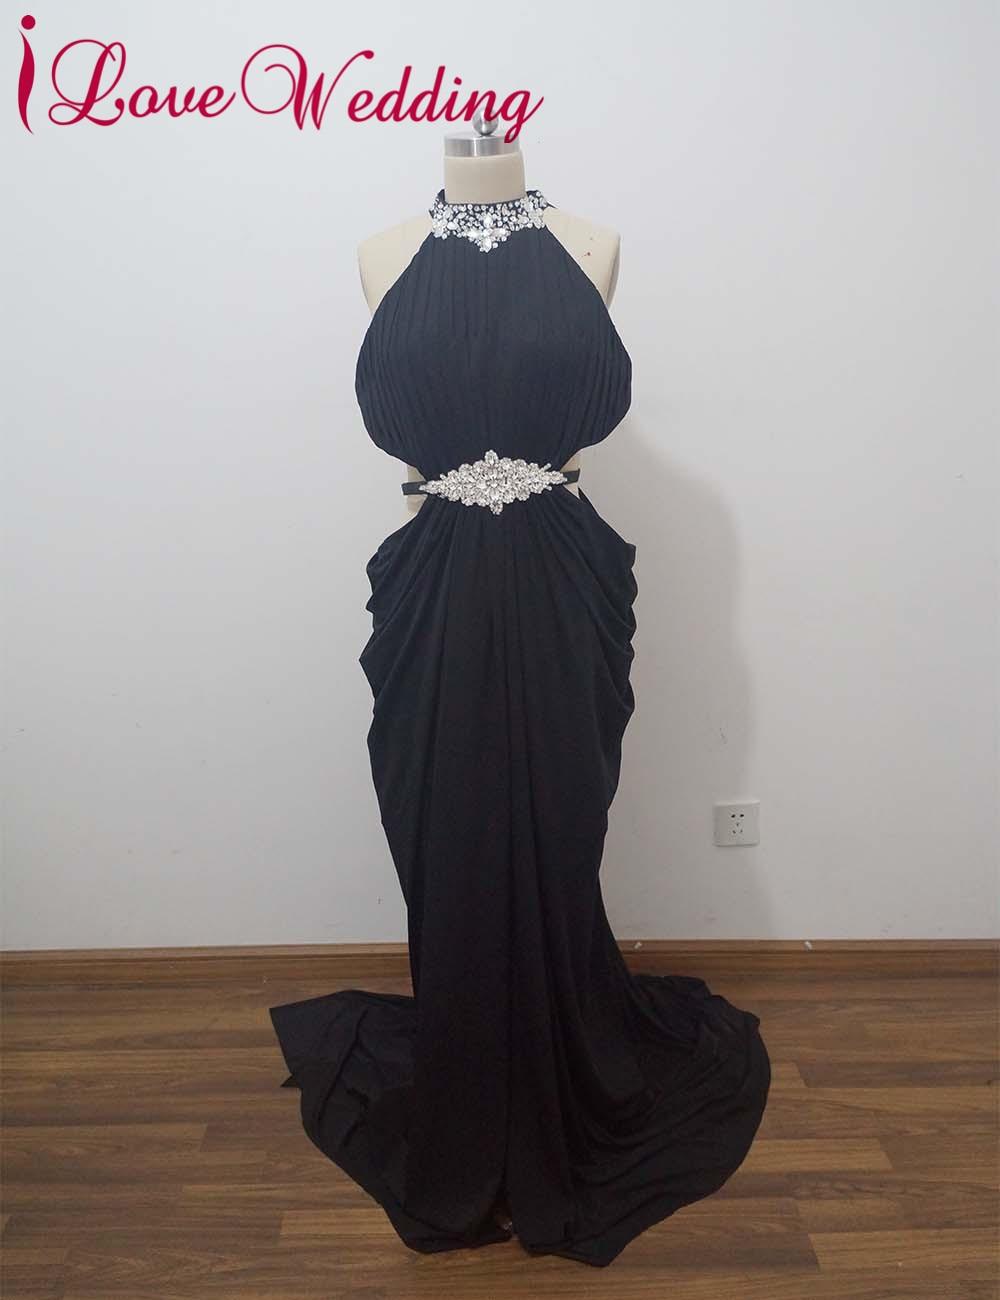 iLoveWedding मत्स्यस्त्री शाम के - विशेष अवसरों के लिए ड्रेस